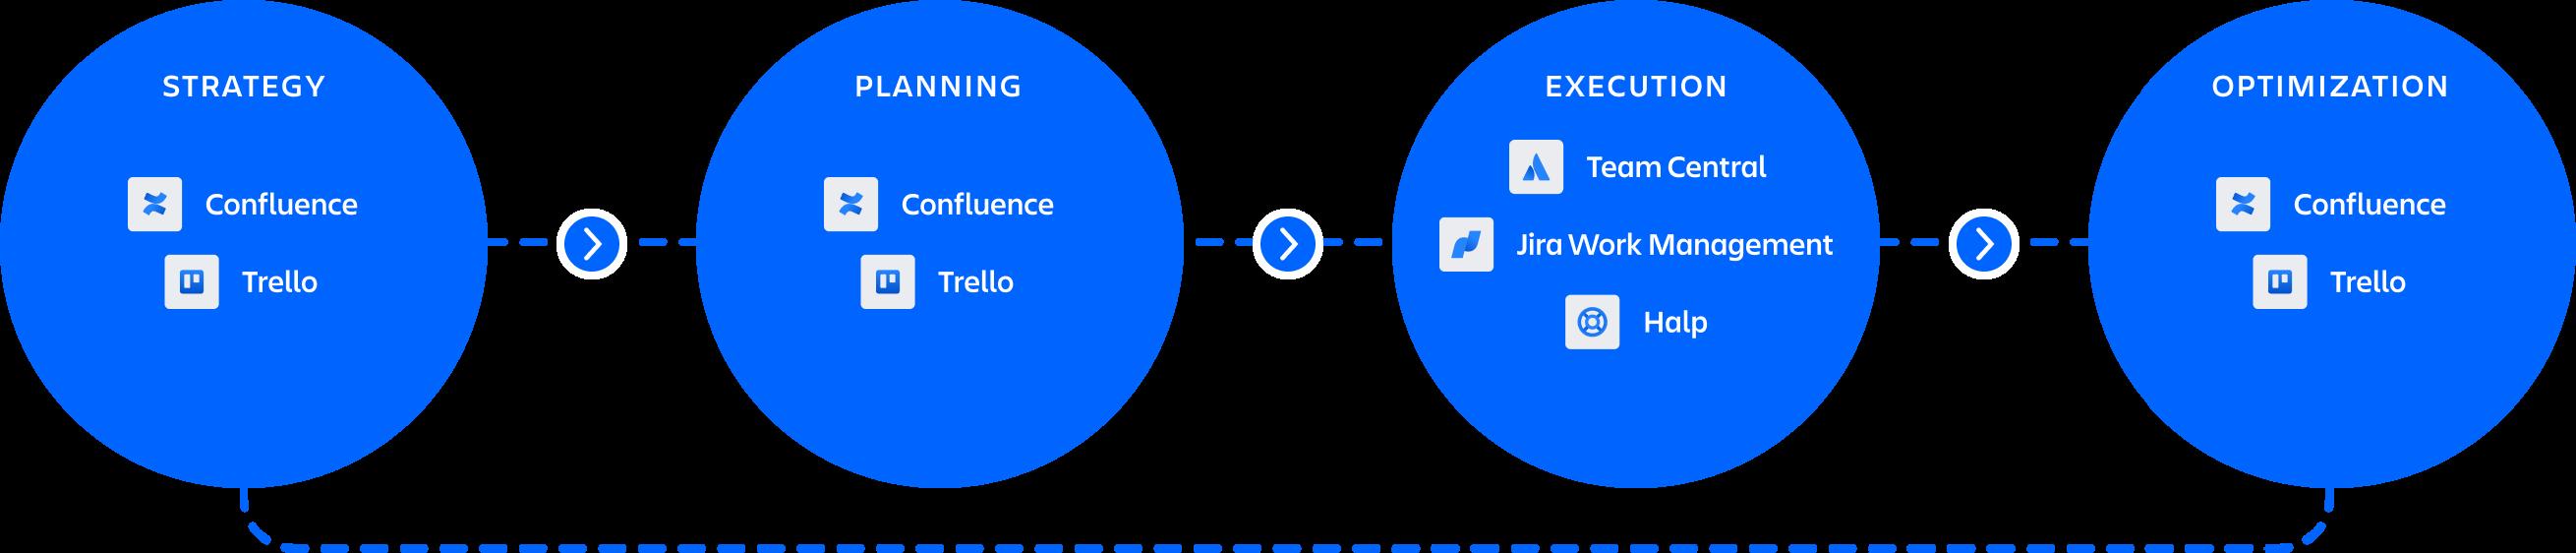 Immagine dei prodotti dedicati all'acquisizione di talenti Confluence e Jira Work Management con i prodotti per l'introduzione Trello e Jira Work Management